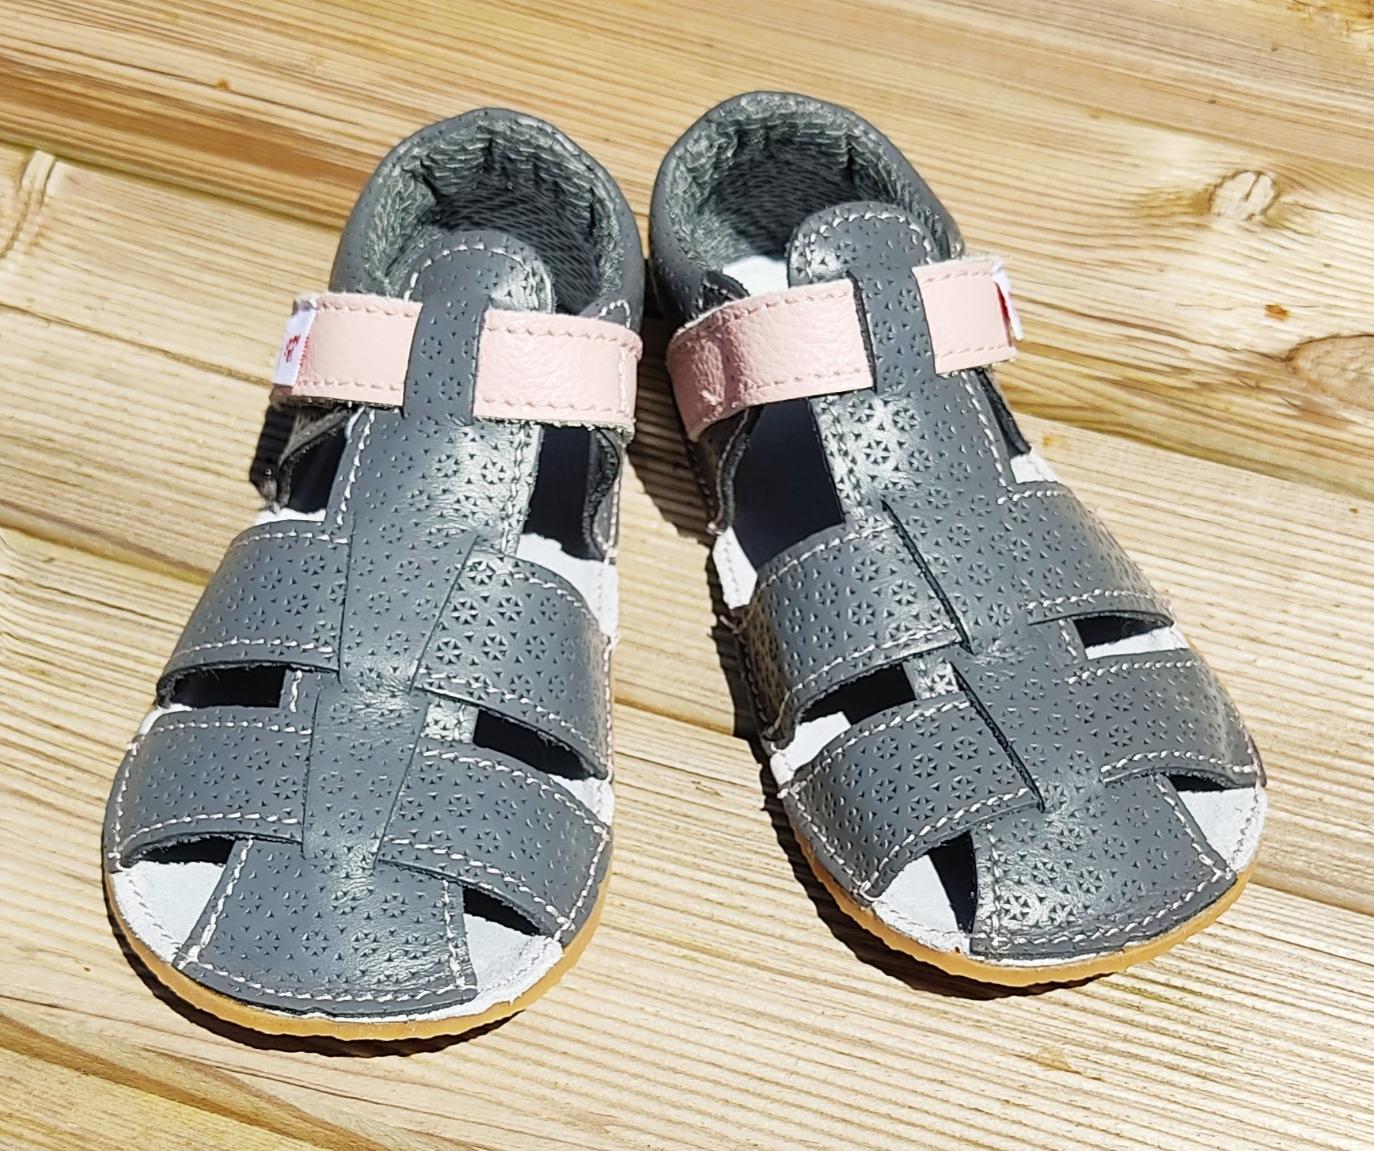 Sandales EF Barefoot - gris anthracite et rose